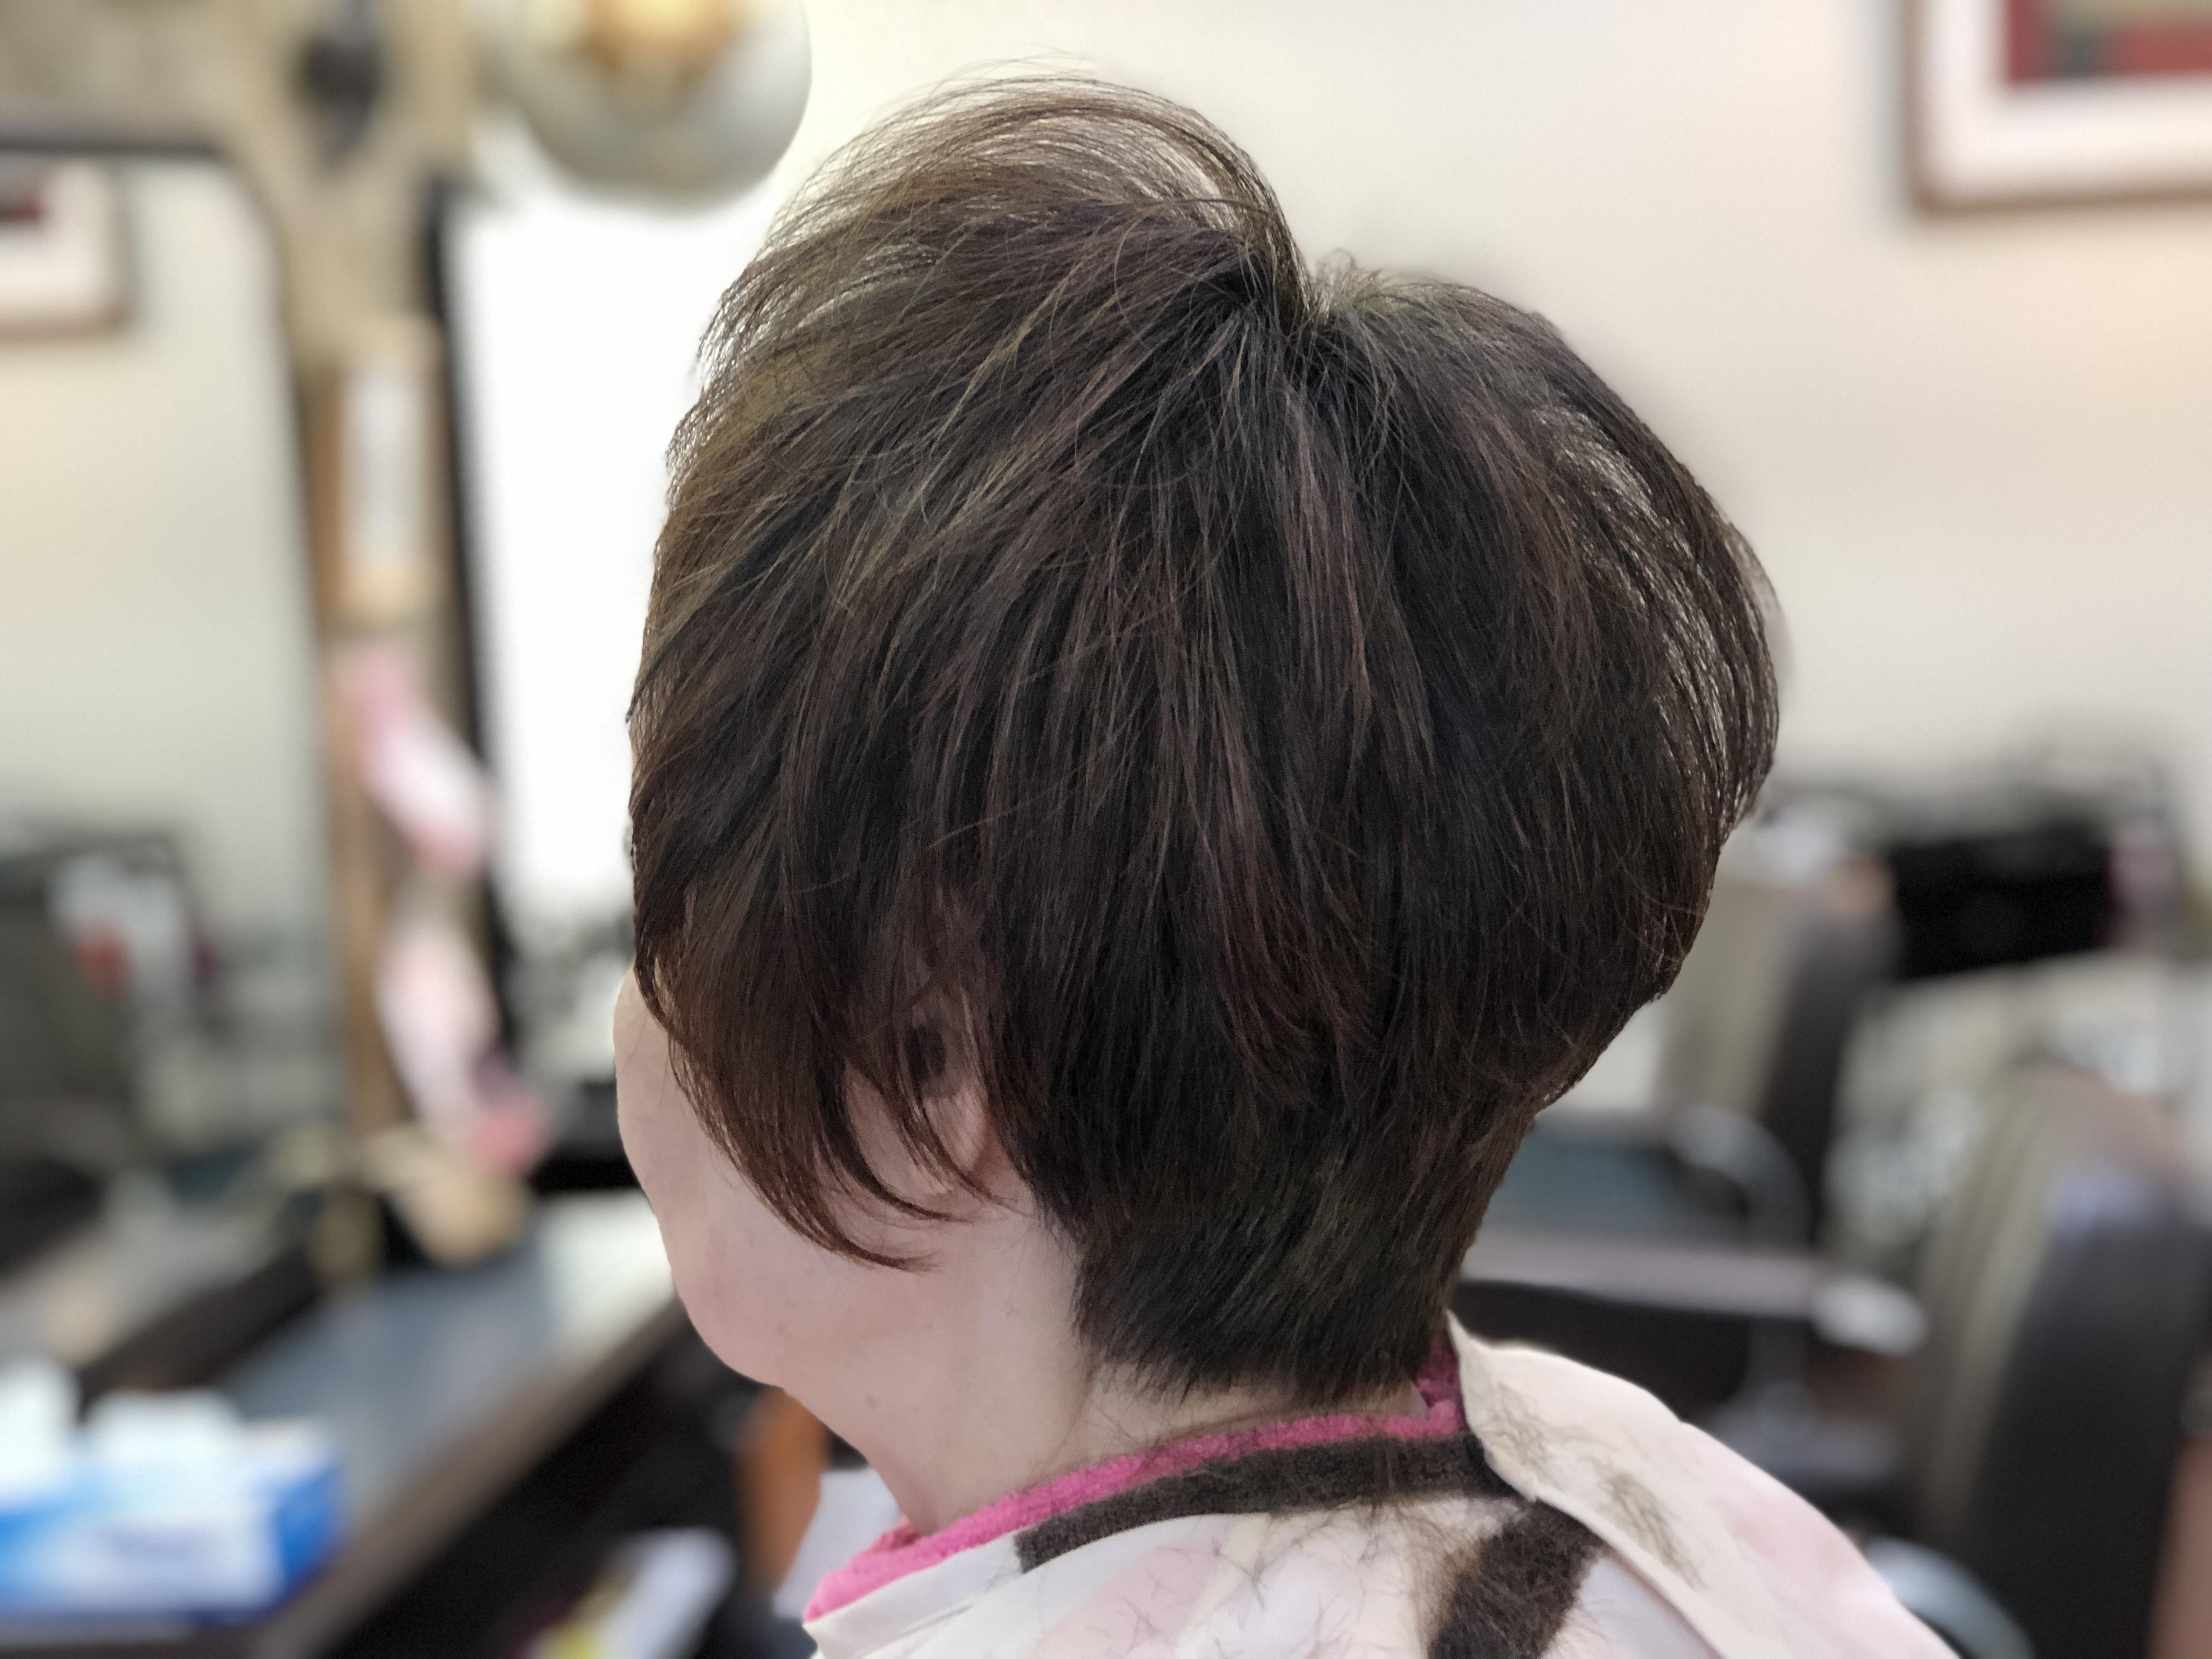 動画!70代髪のはえグセによる絶壁を解消するカット。